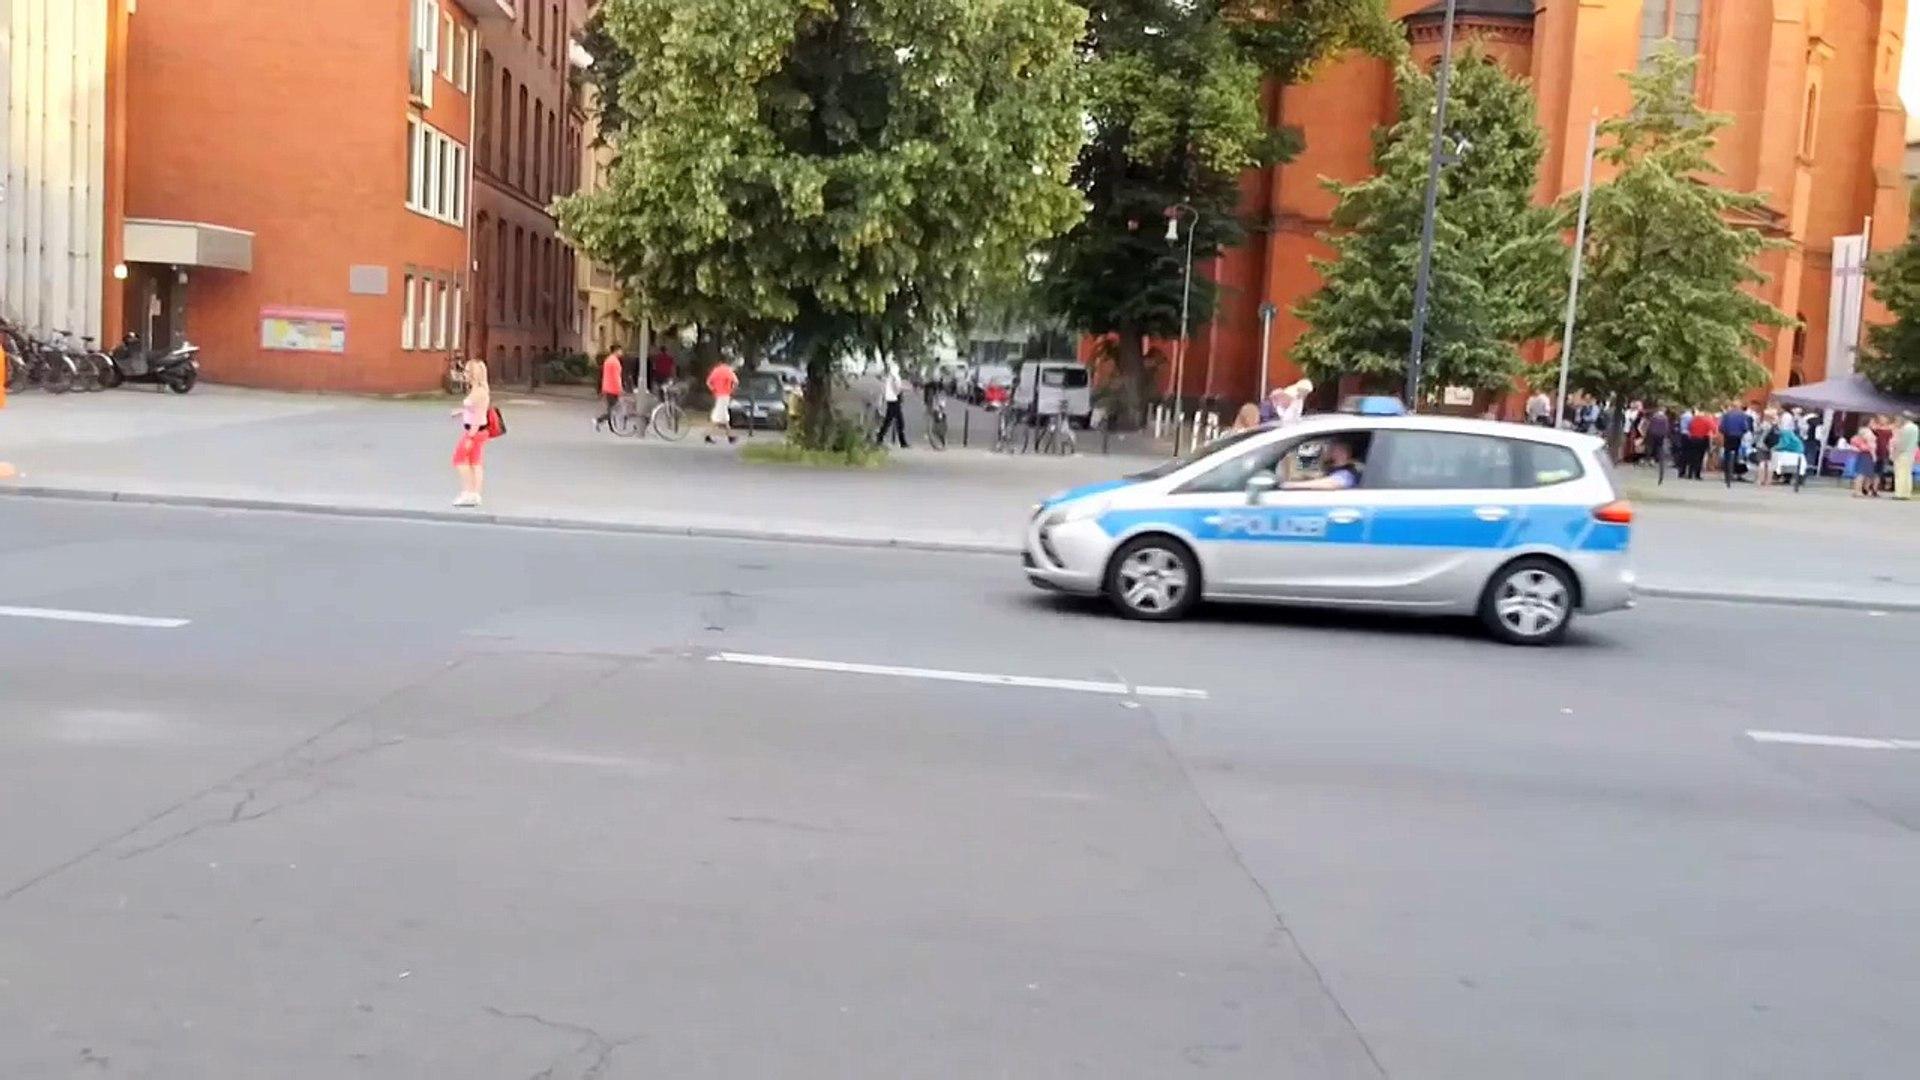 Straße prostitution oranienburger berlin Prostitution oranienburger